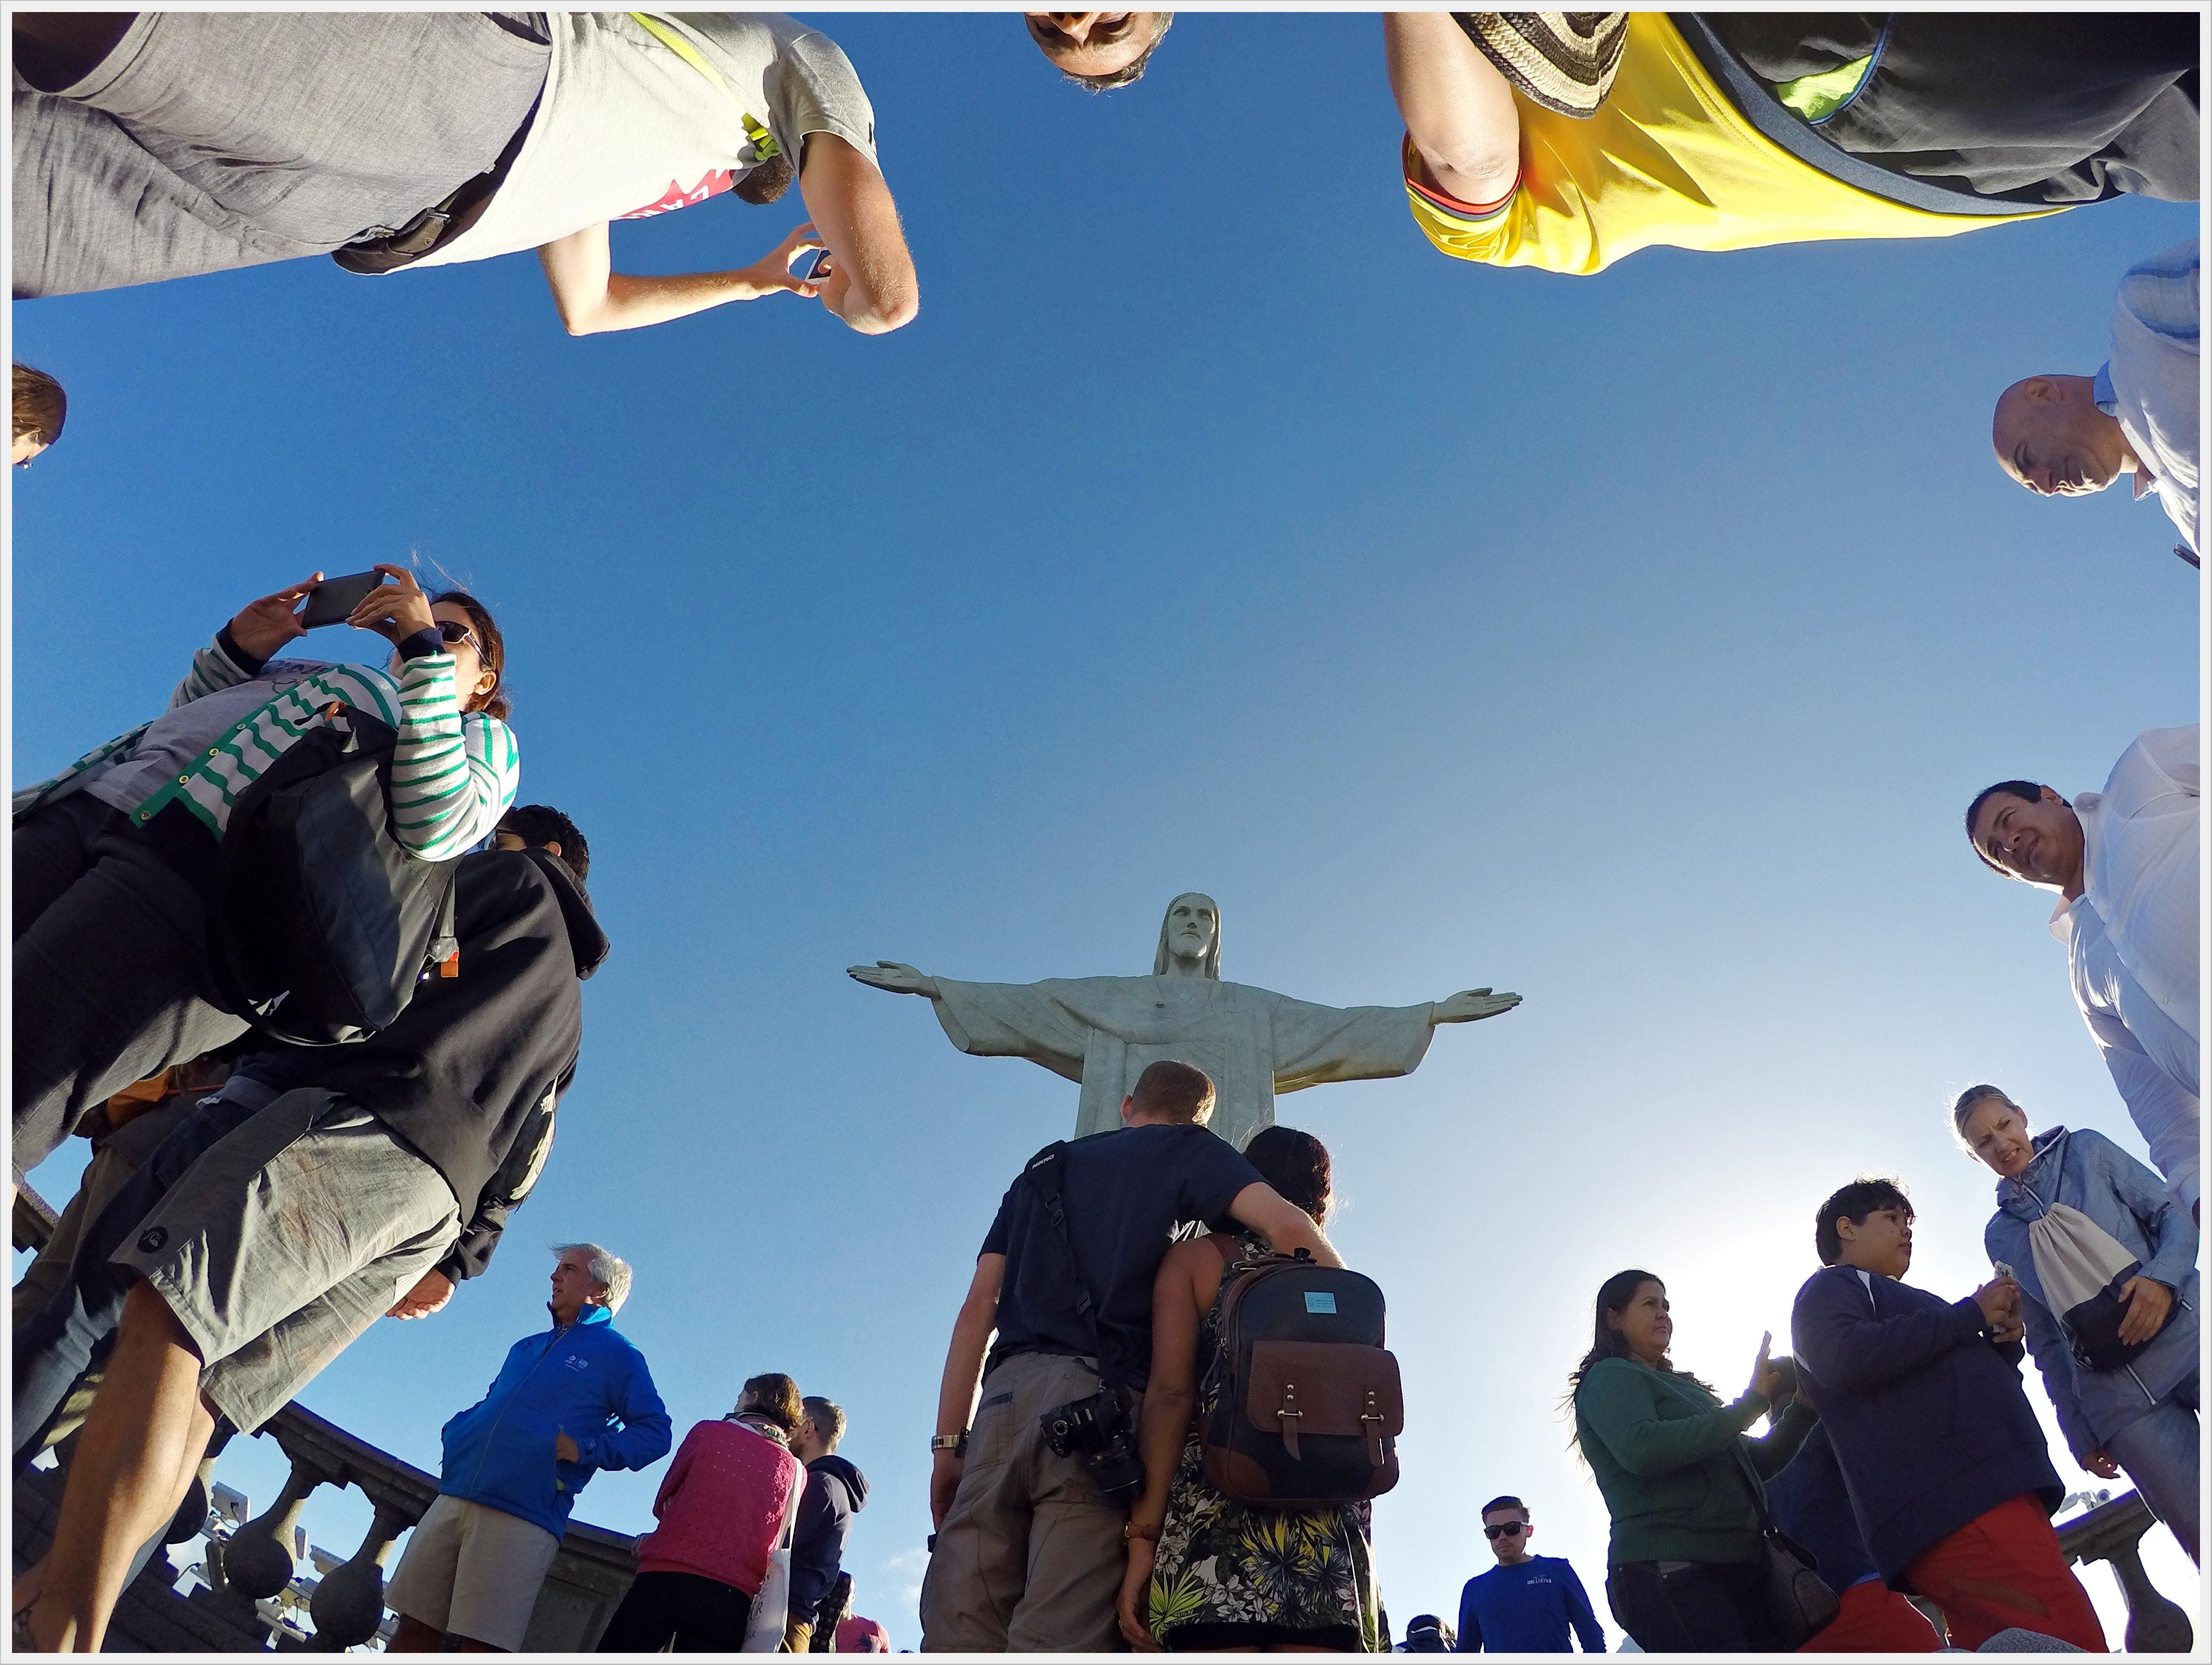 2016 Rio de Janeiro - Christ the Redeemer